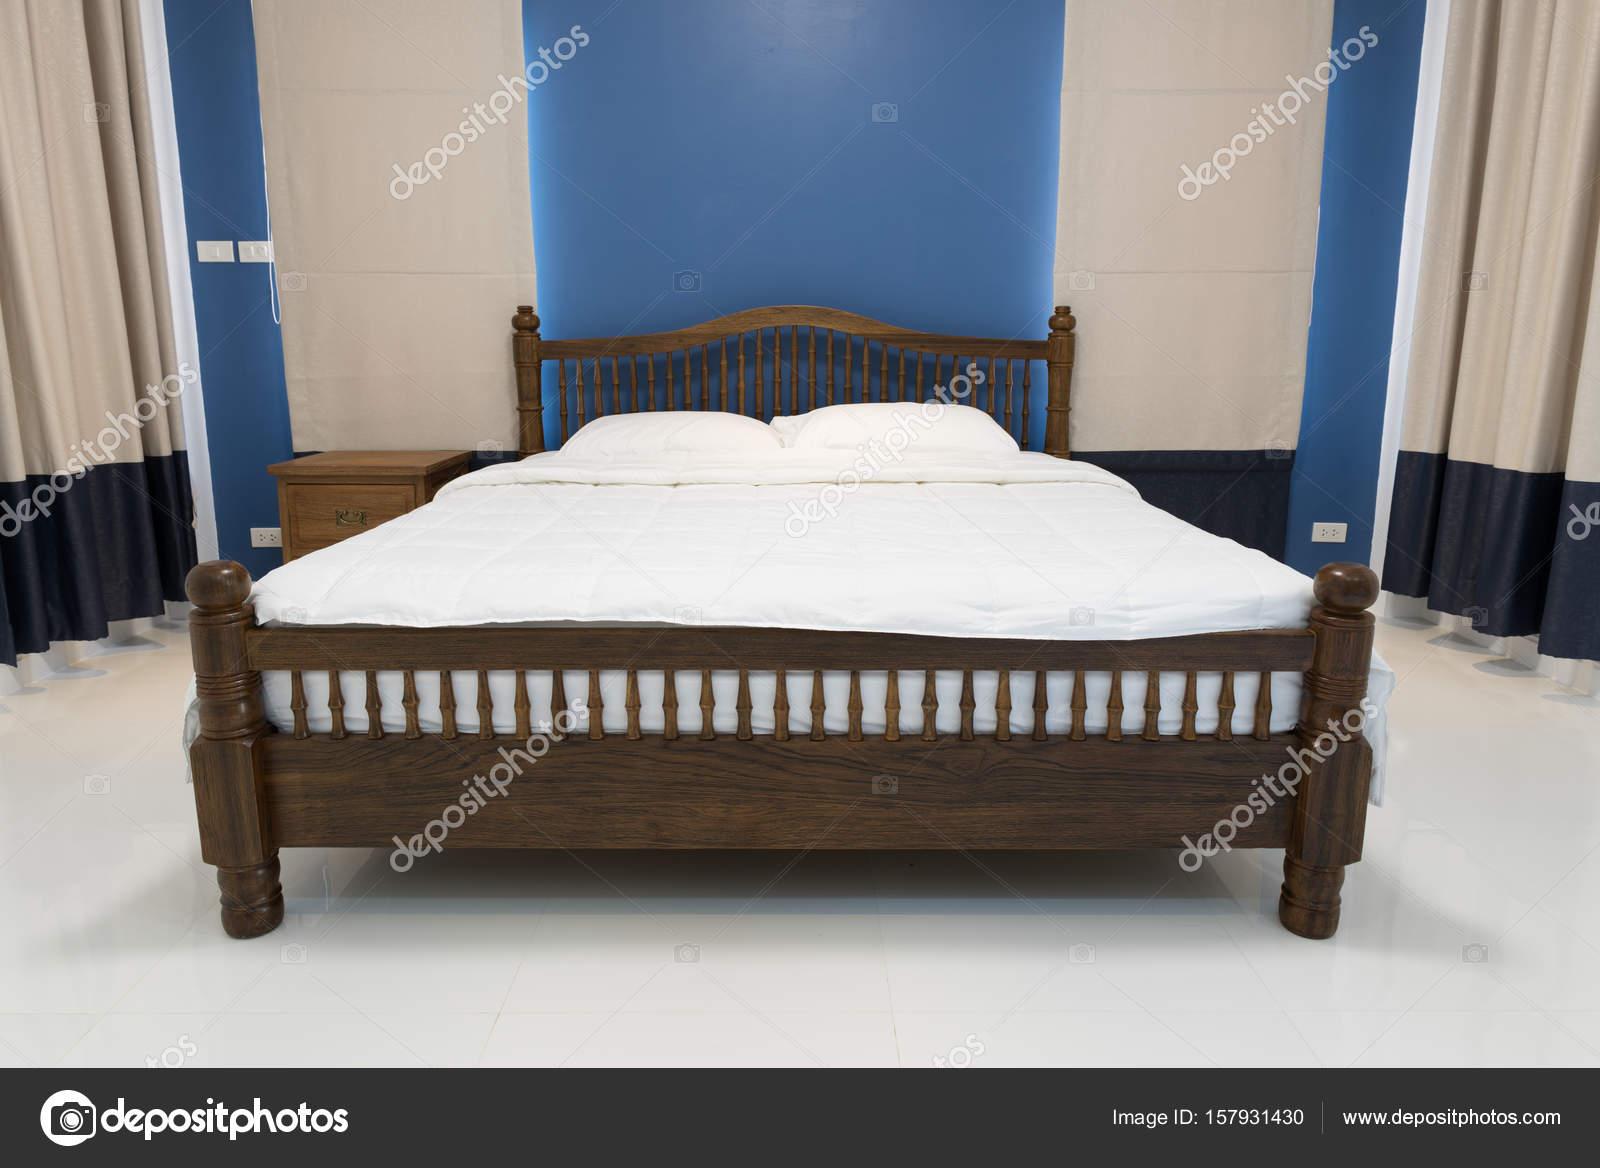 Moderne blauwe slaapkamer met grijs gordijn en retro houten kant ...